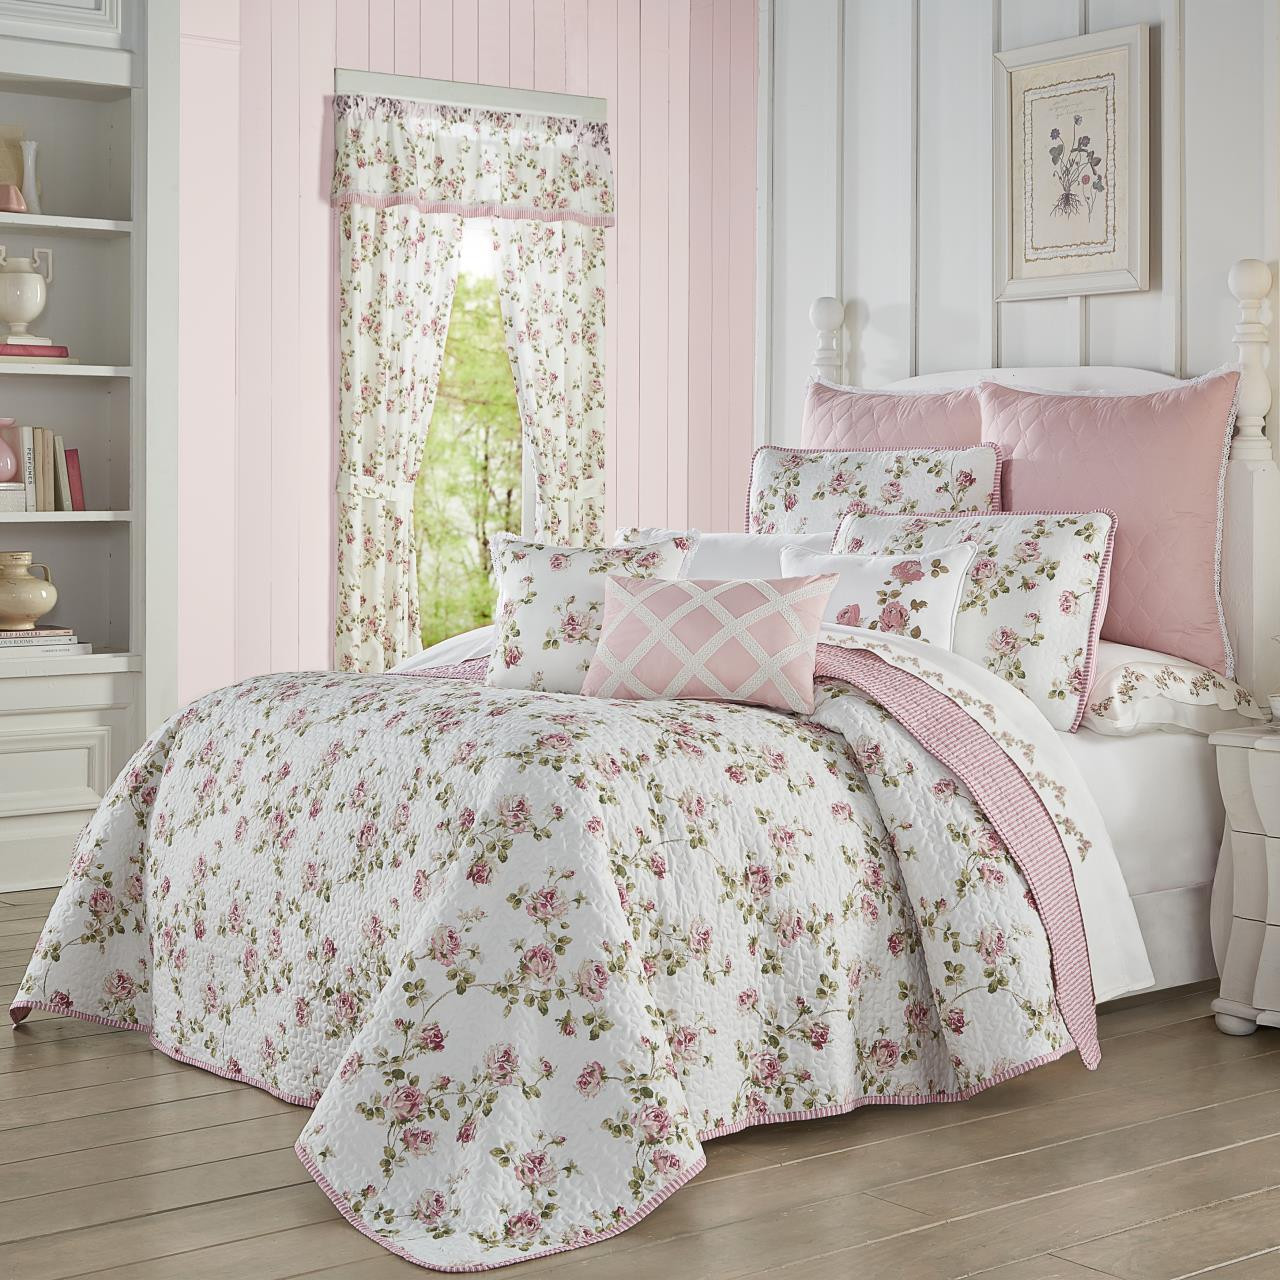 Rosemary Rose Quilt Set - 193842102572